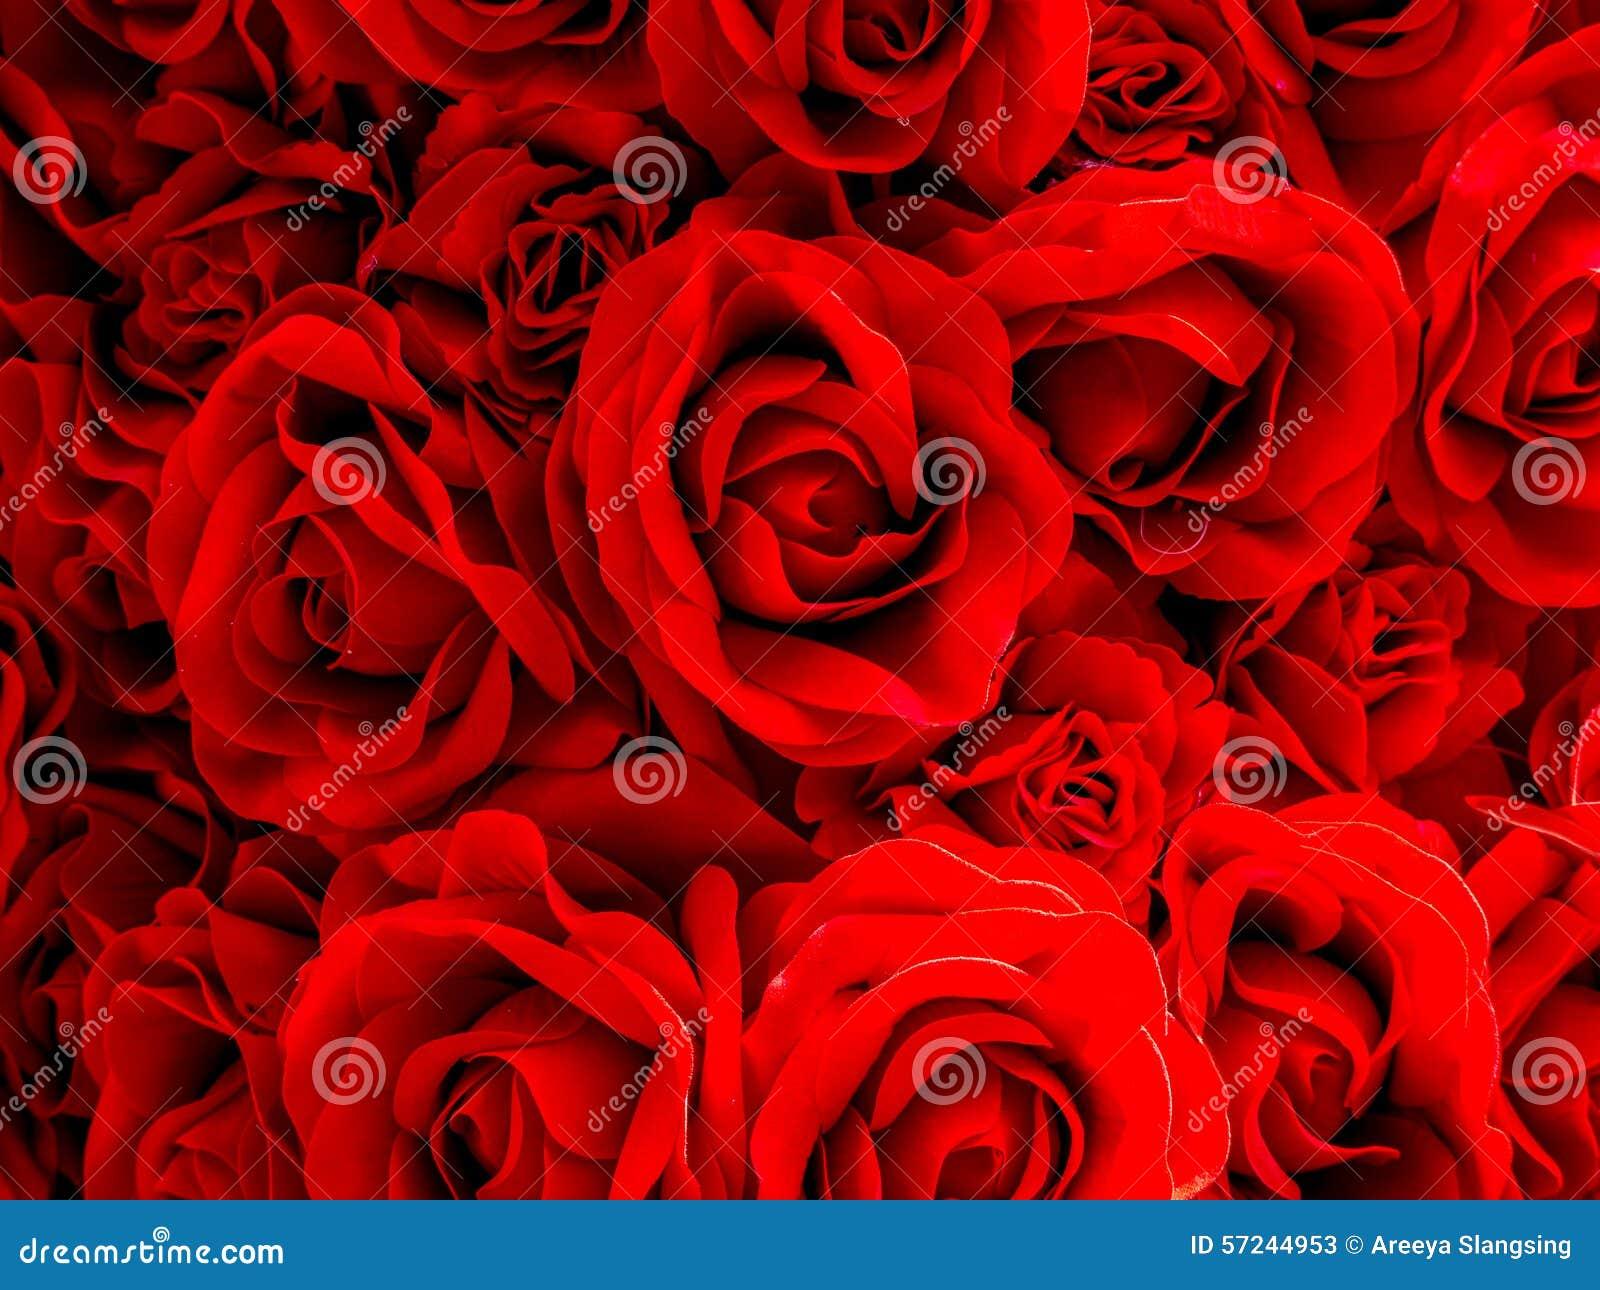 fundos fresco texturas vermelhas -#main